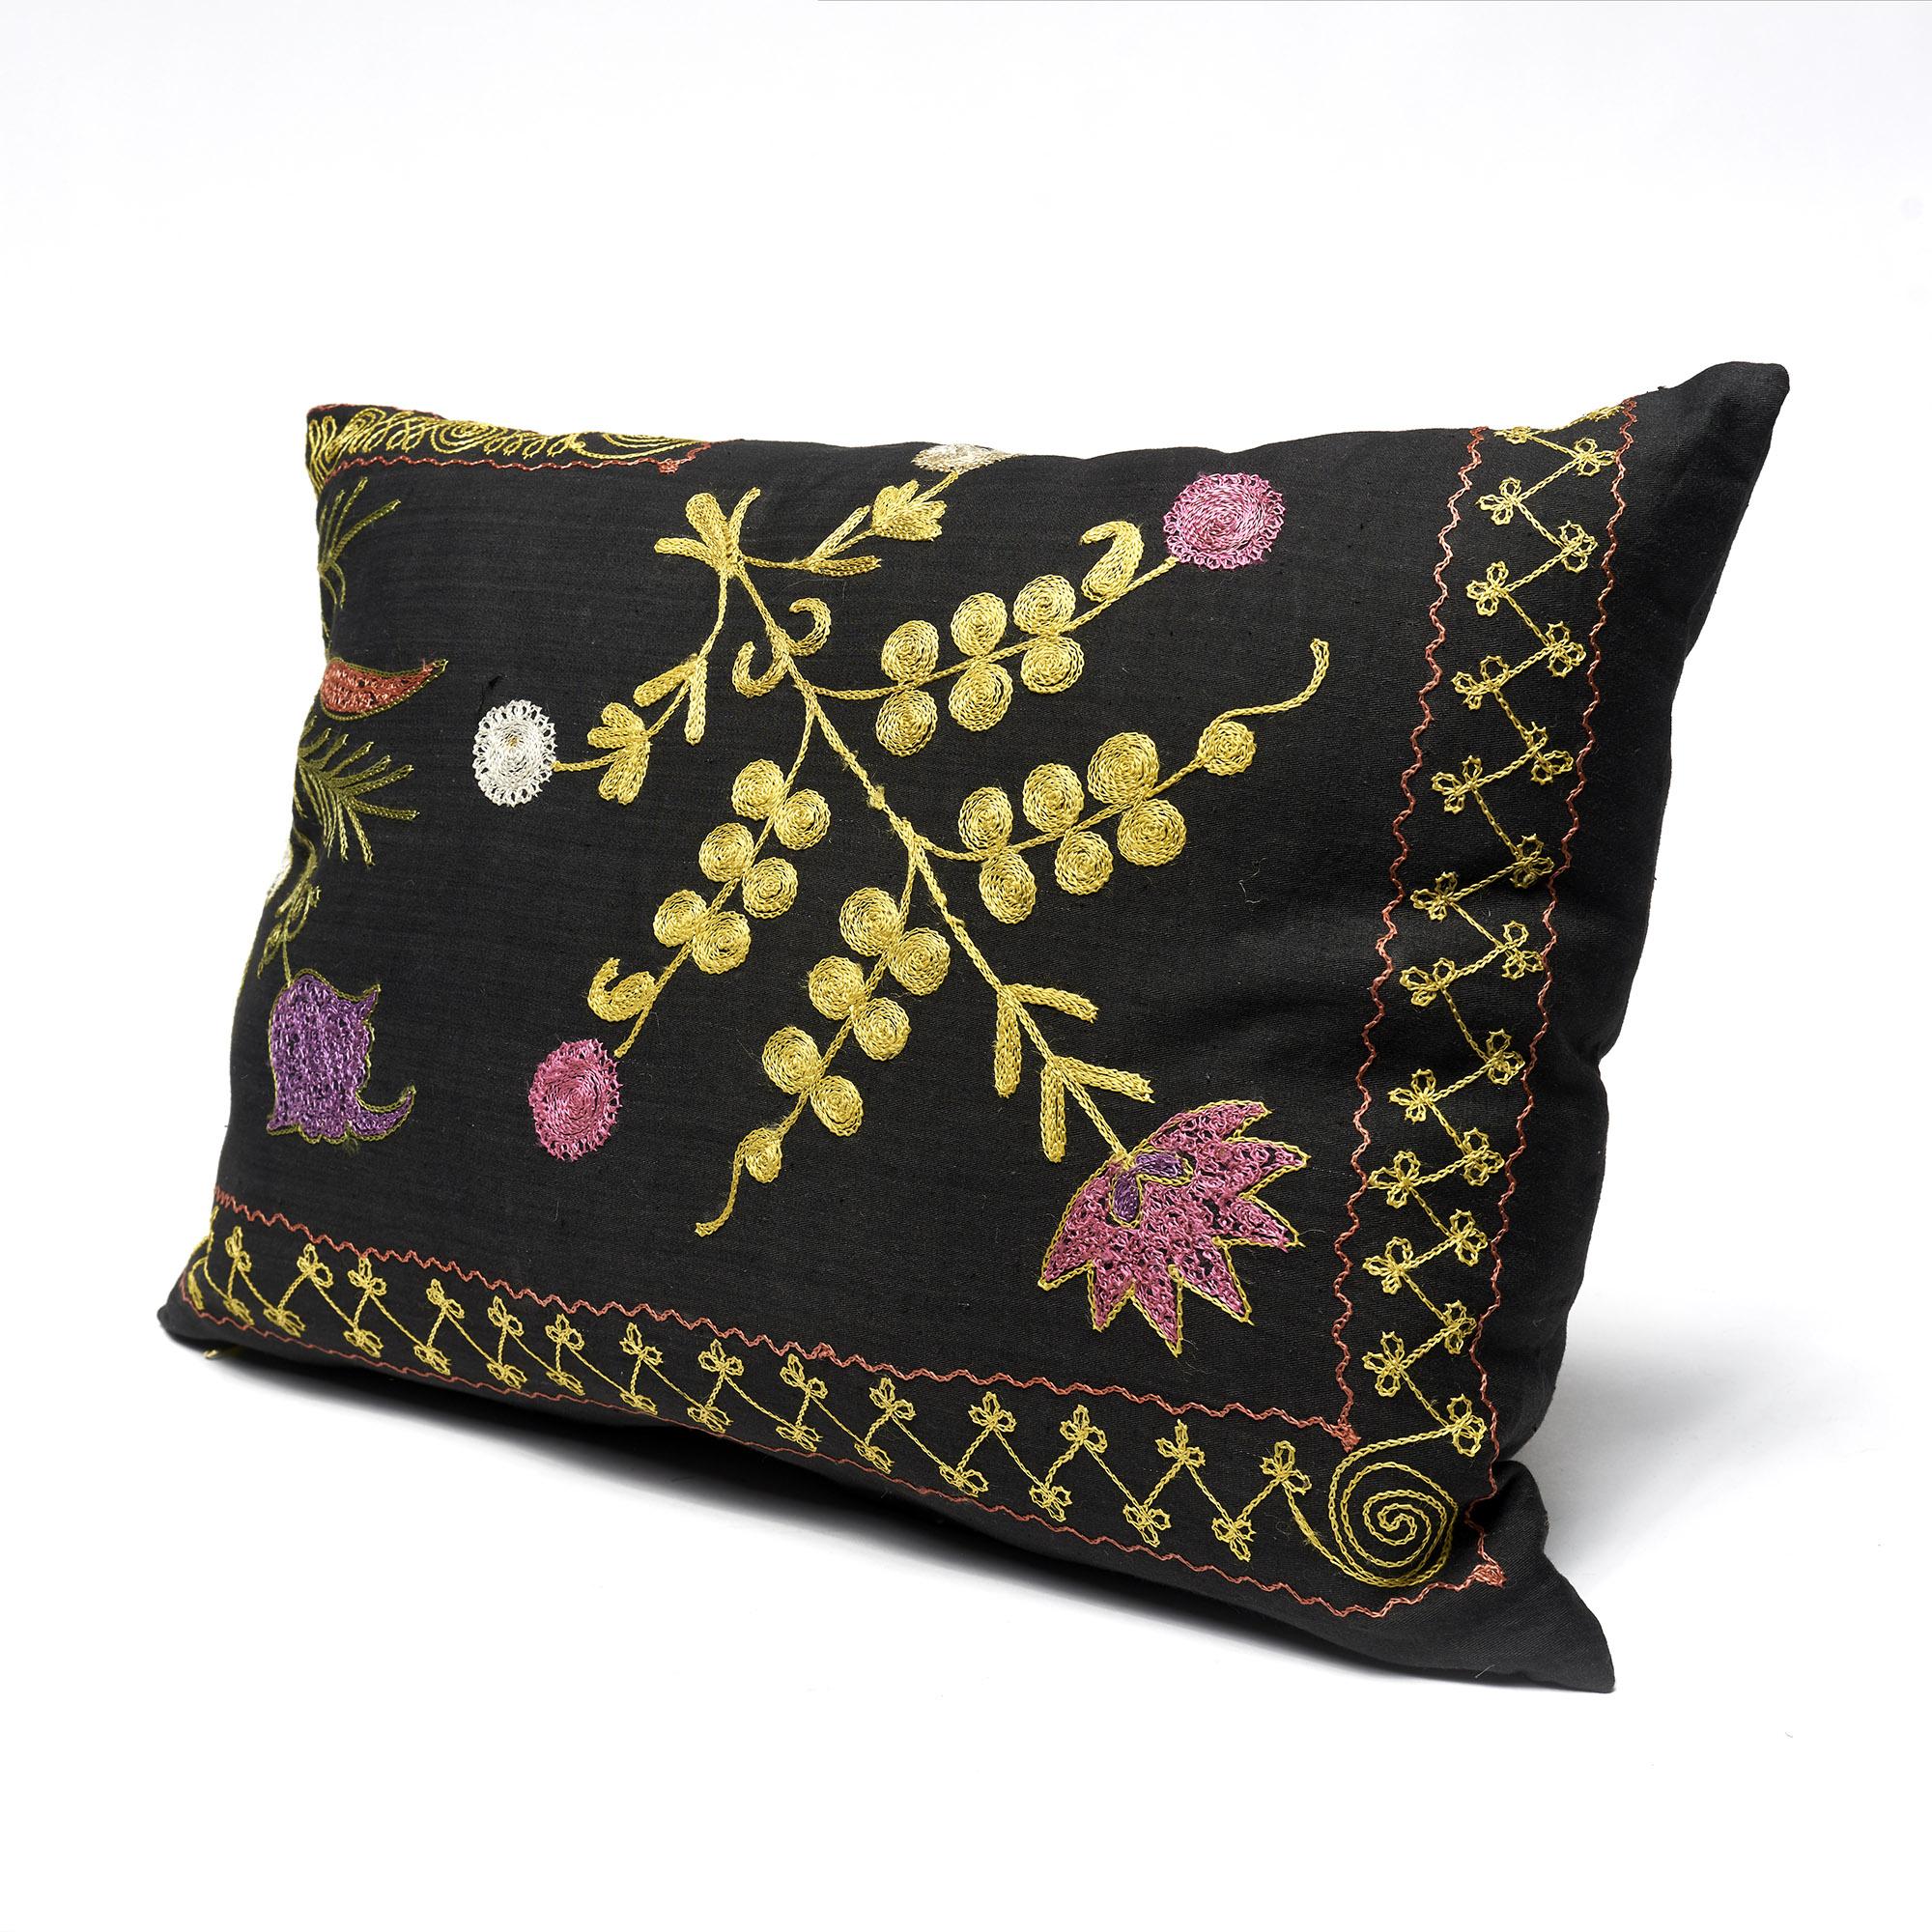 Almohadón Suzani rectangular, negro bordado con flores